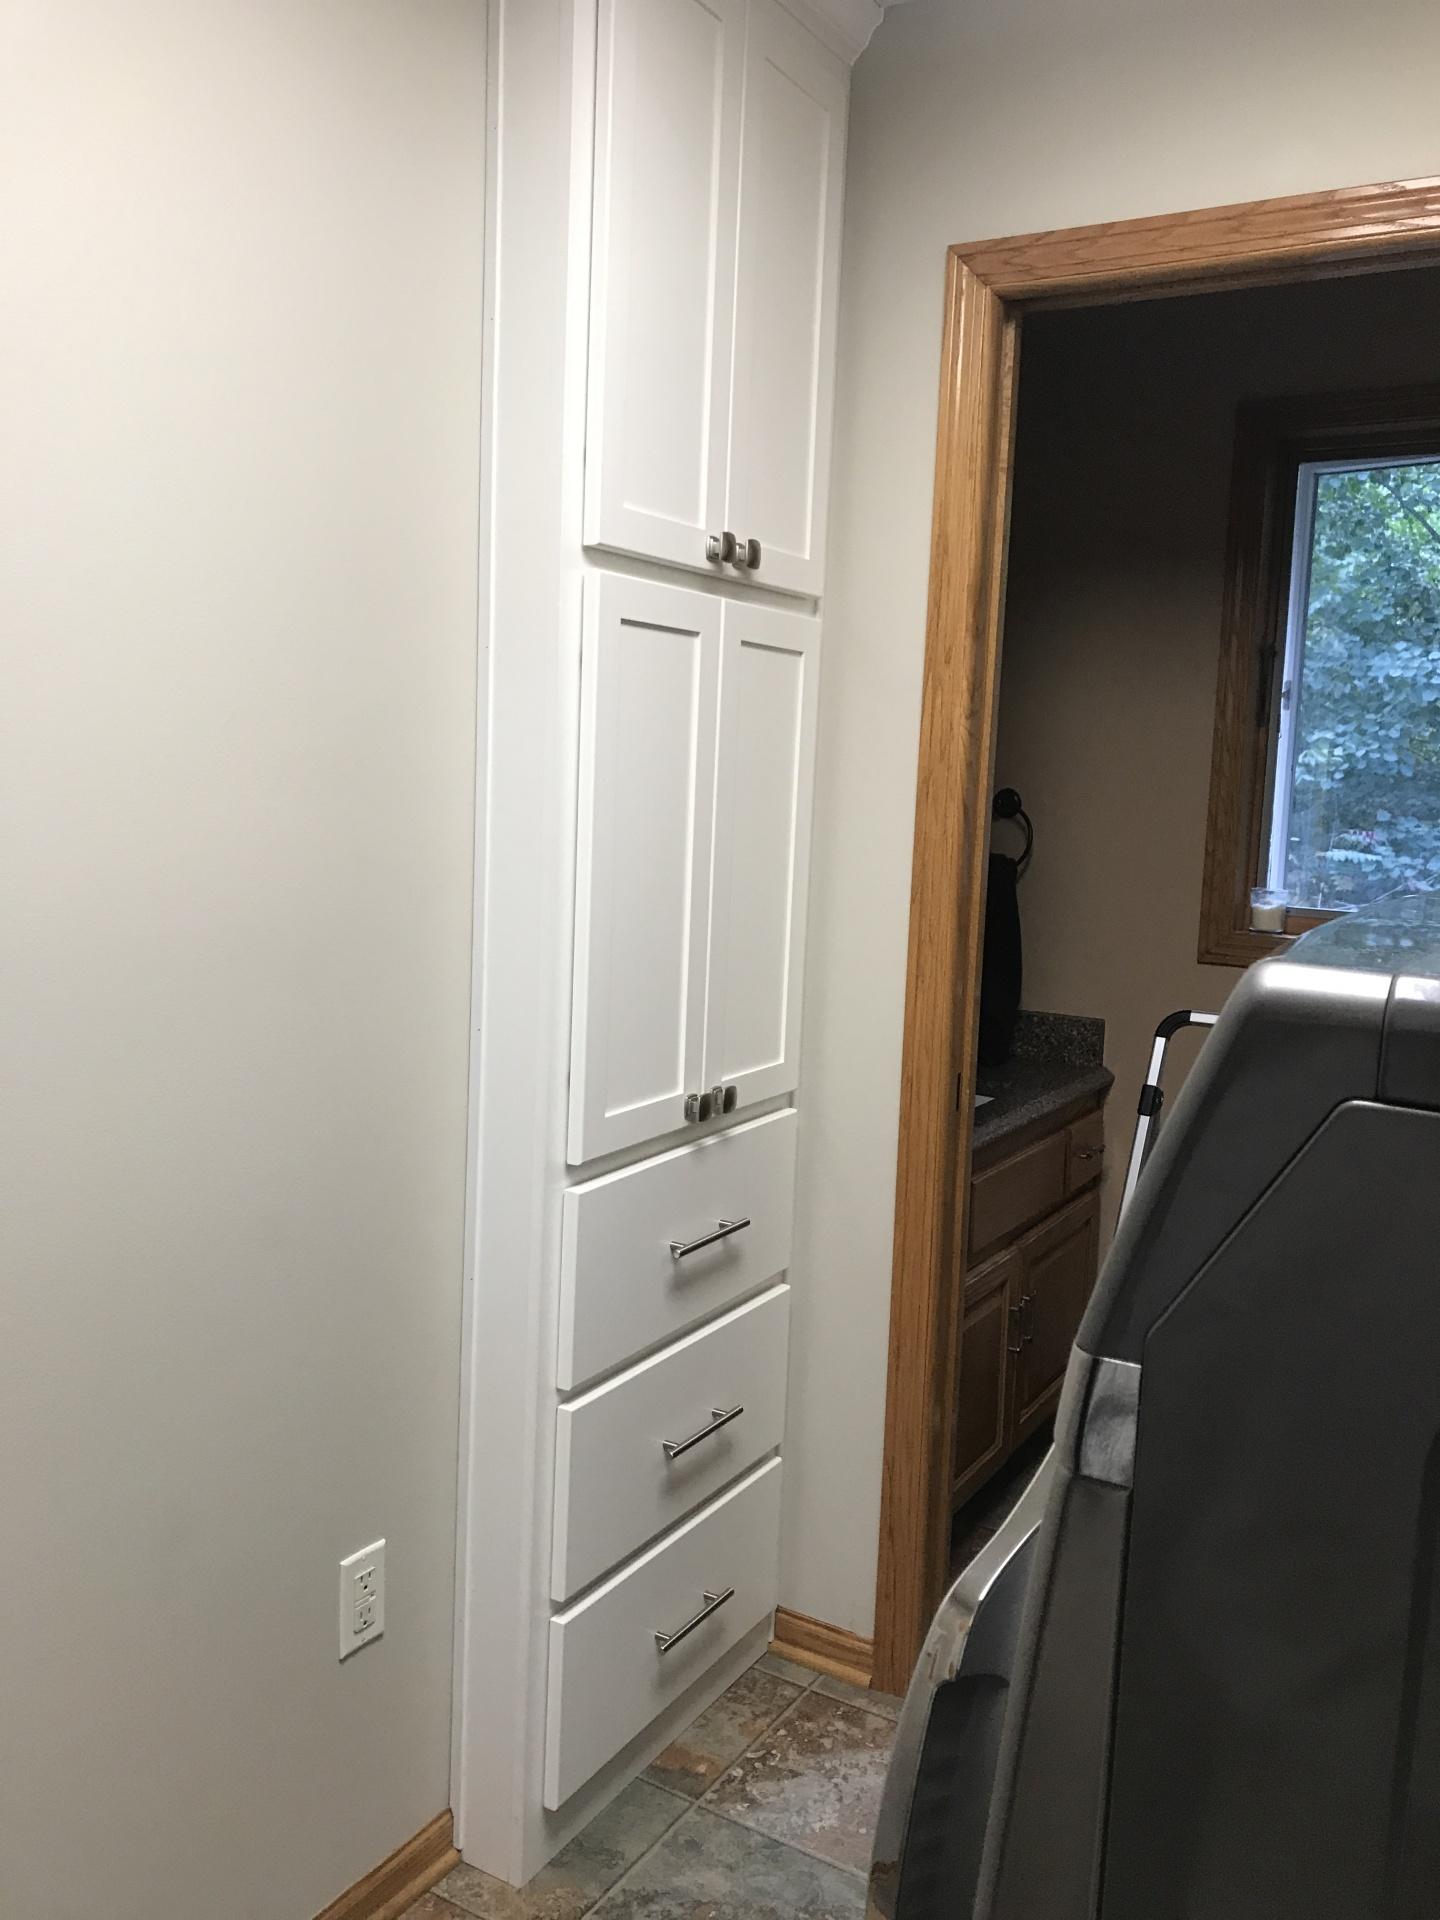 Built In Linen Closet